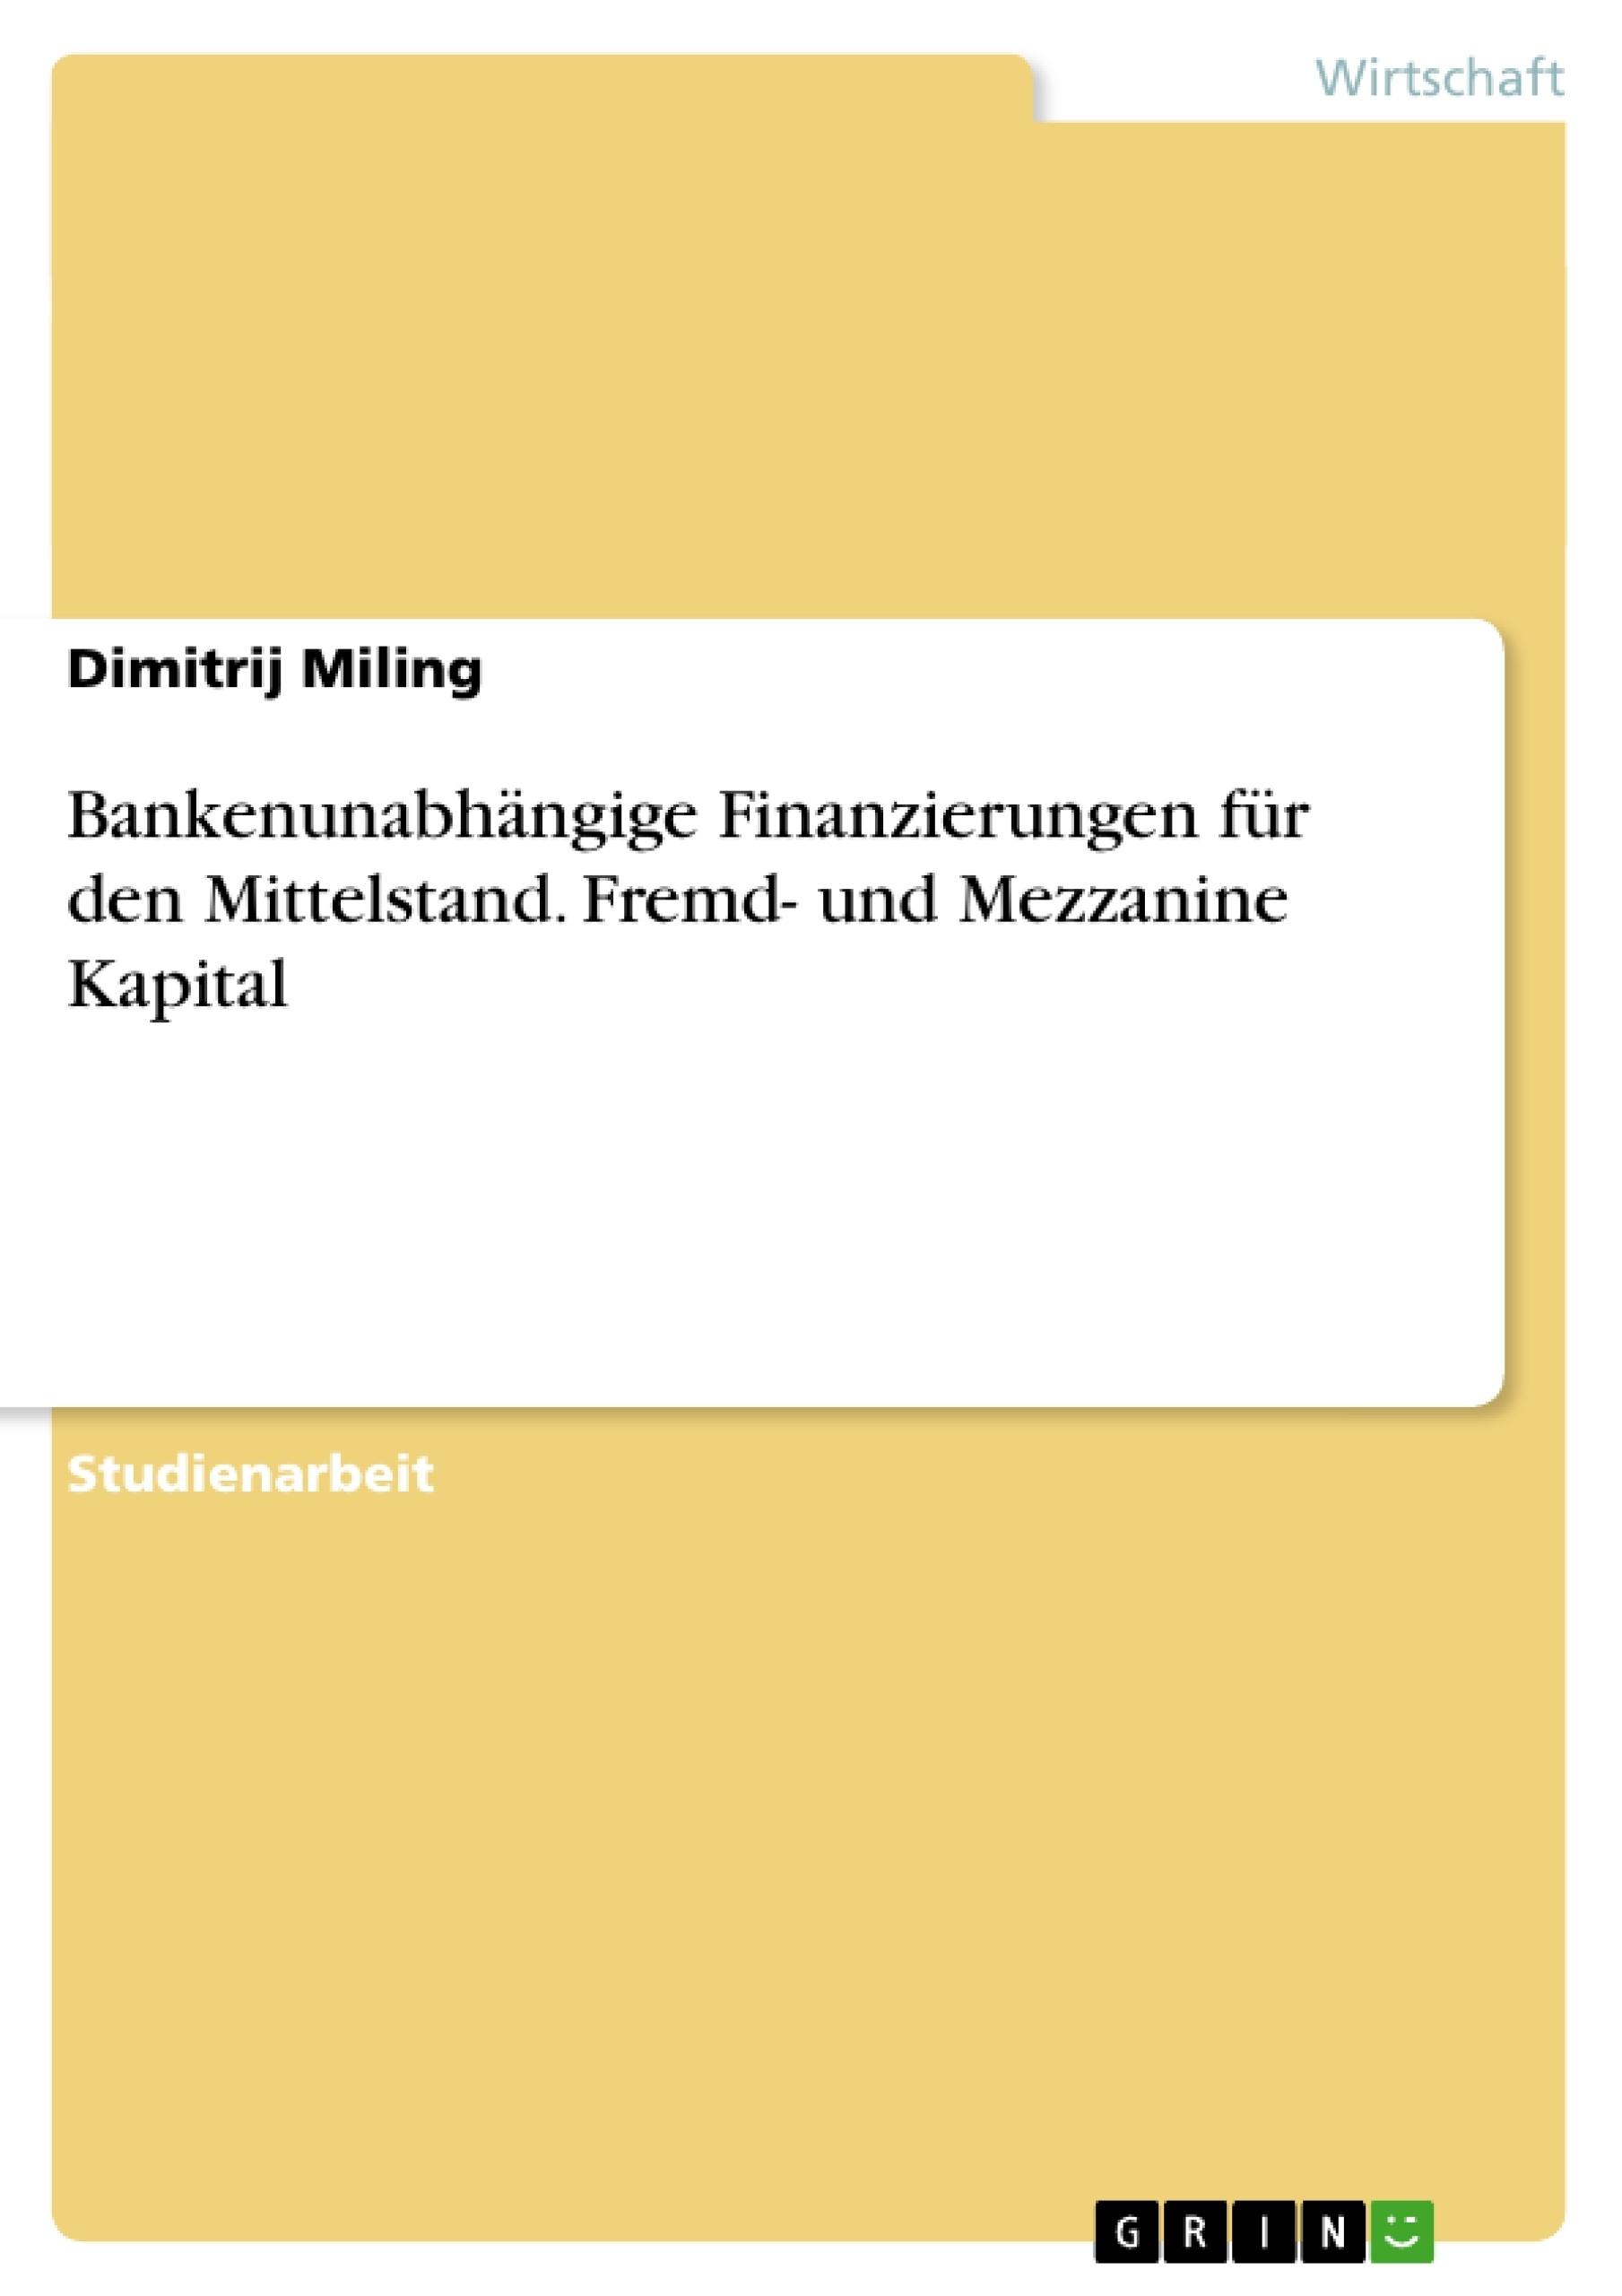 Titel: Bankenunabhängige Finanzierungen für den Mittelstand. Fremd- und Mezzanine Kapital